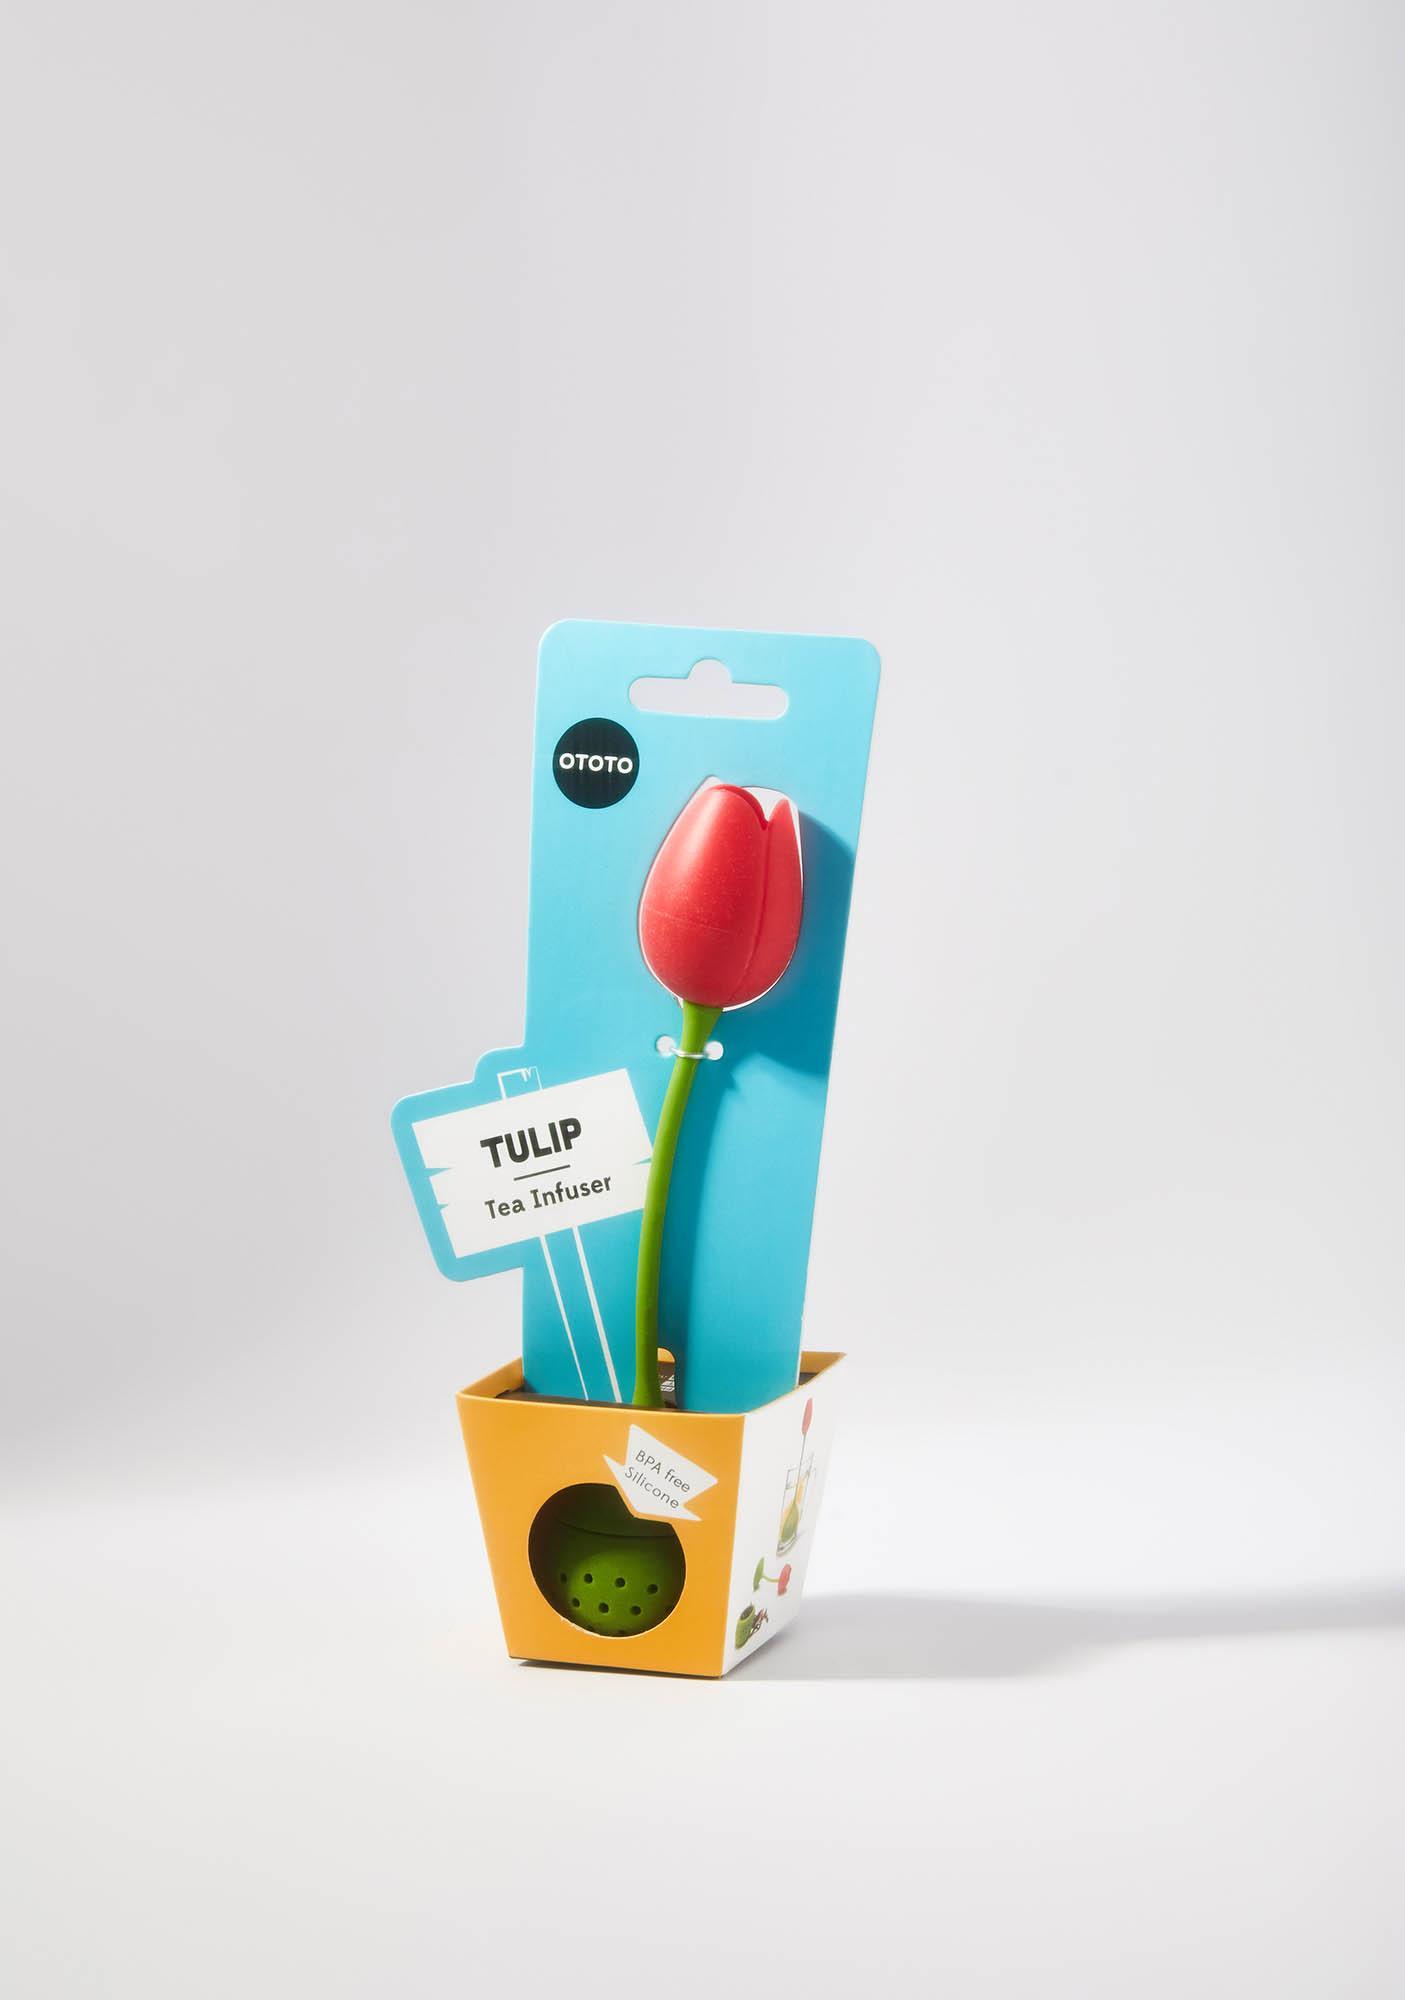 OTOTO Tulip Tea Infuser